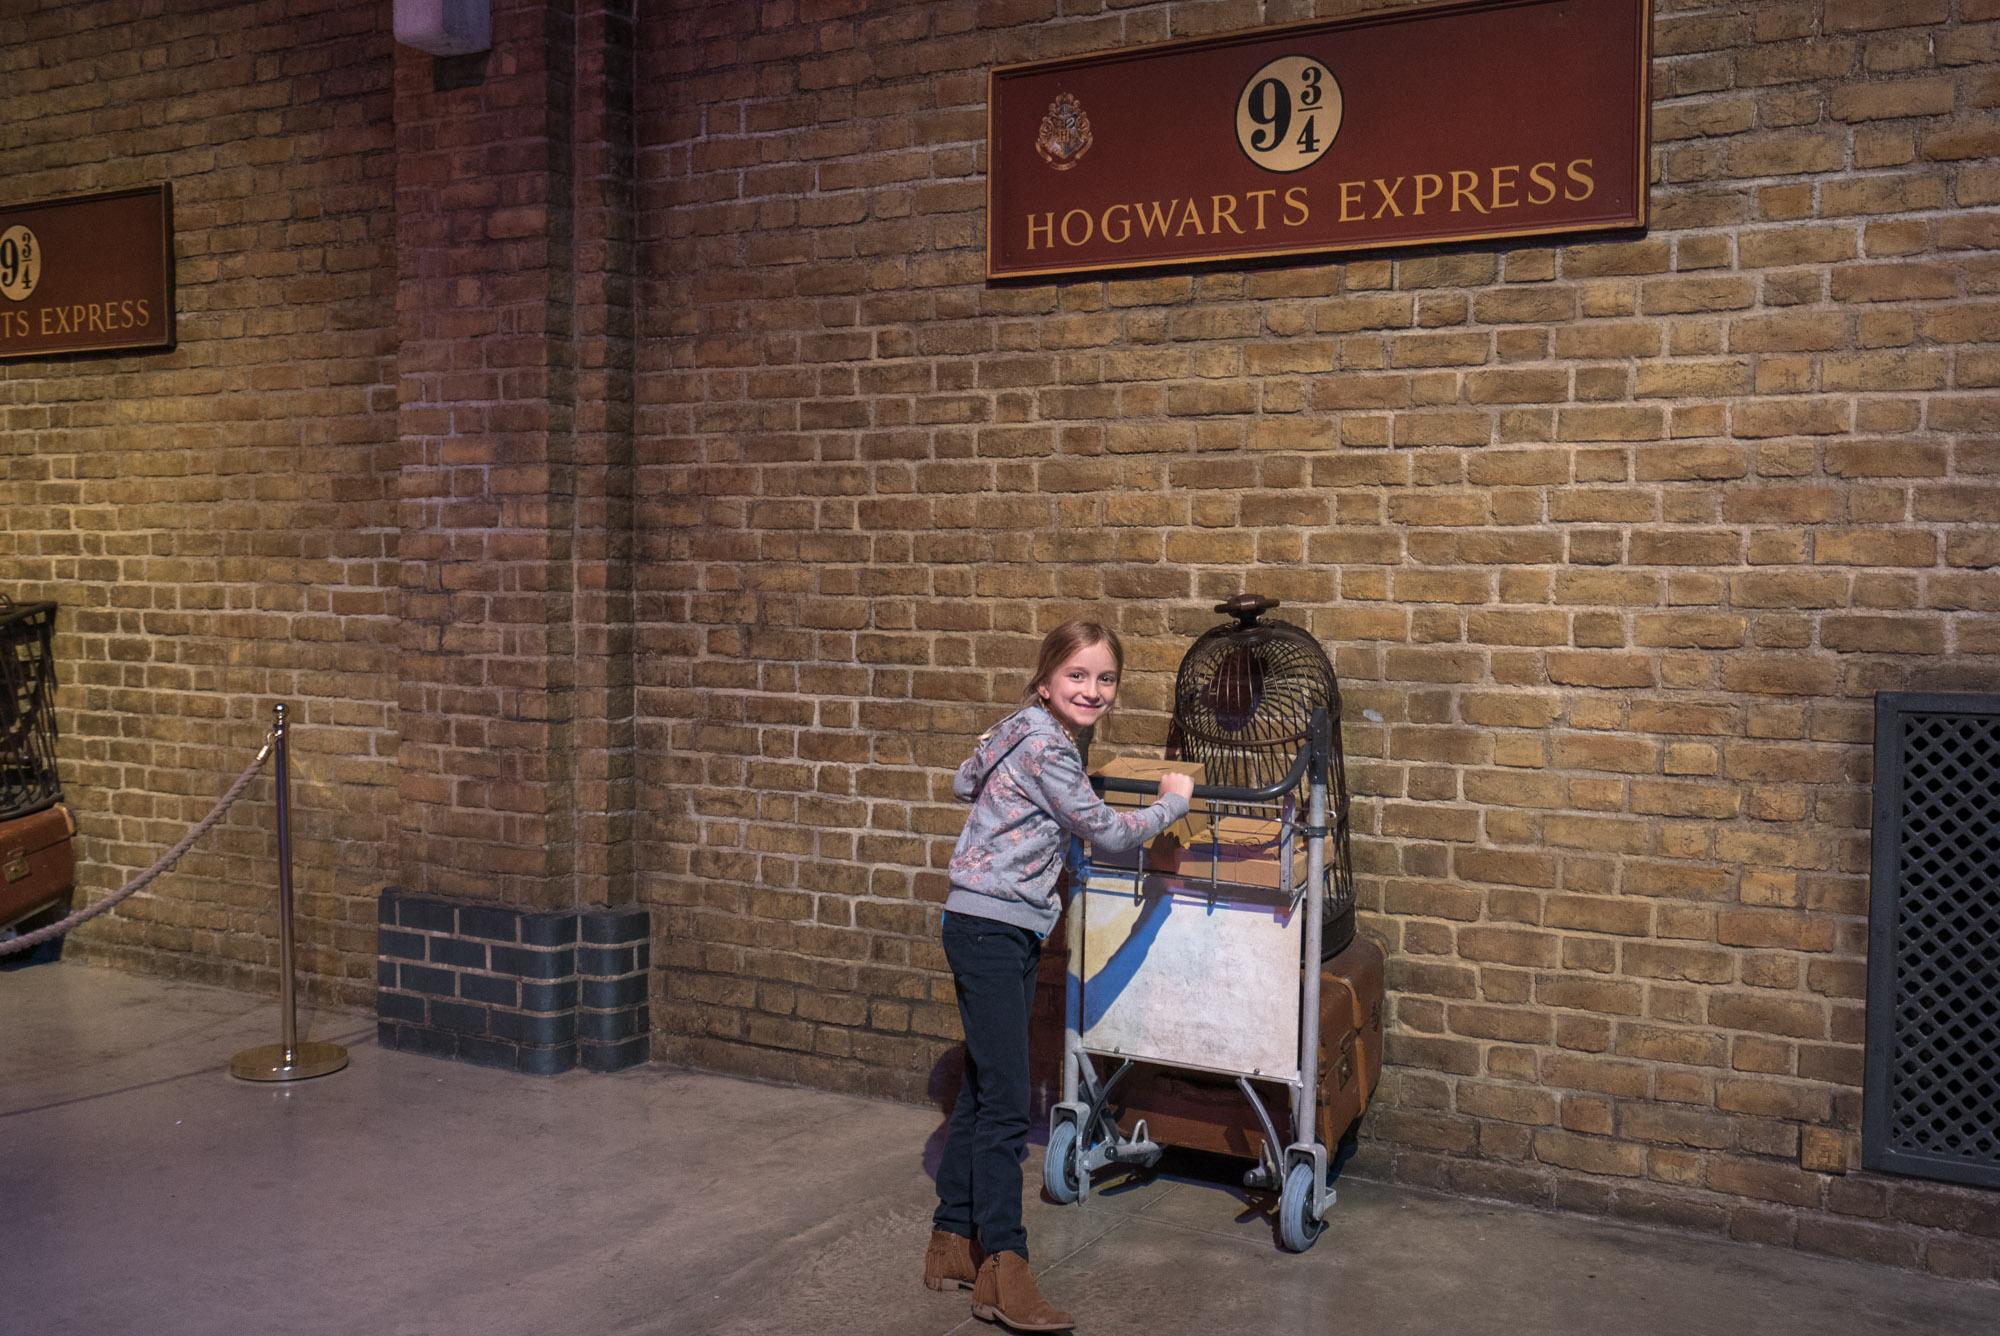 london_harry_potter_00072